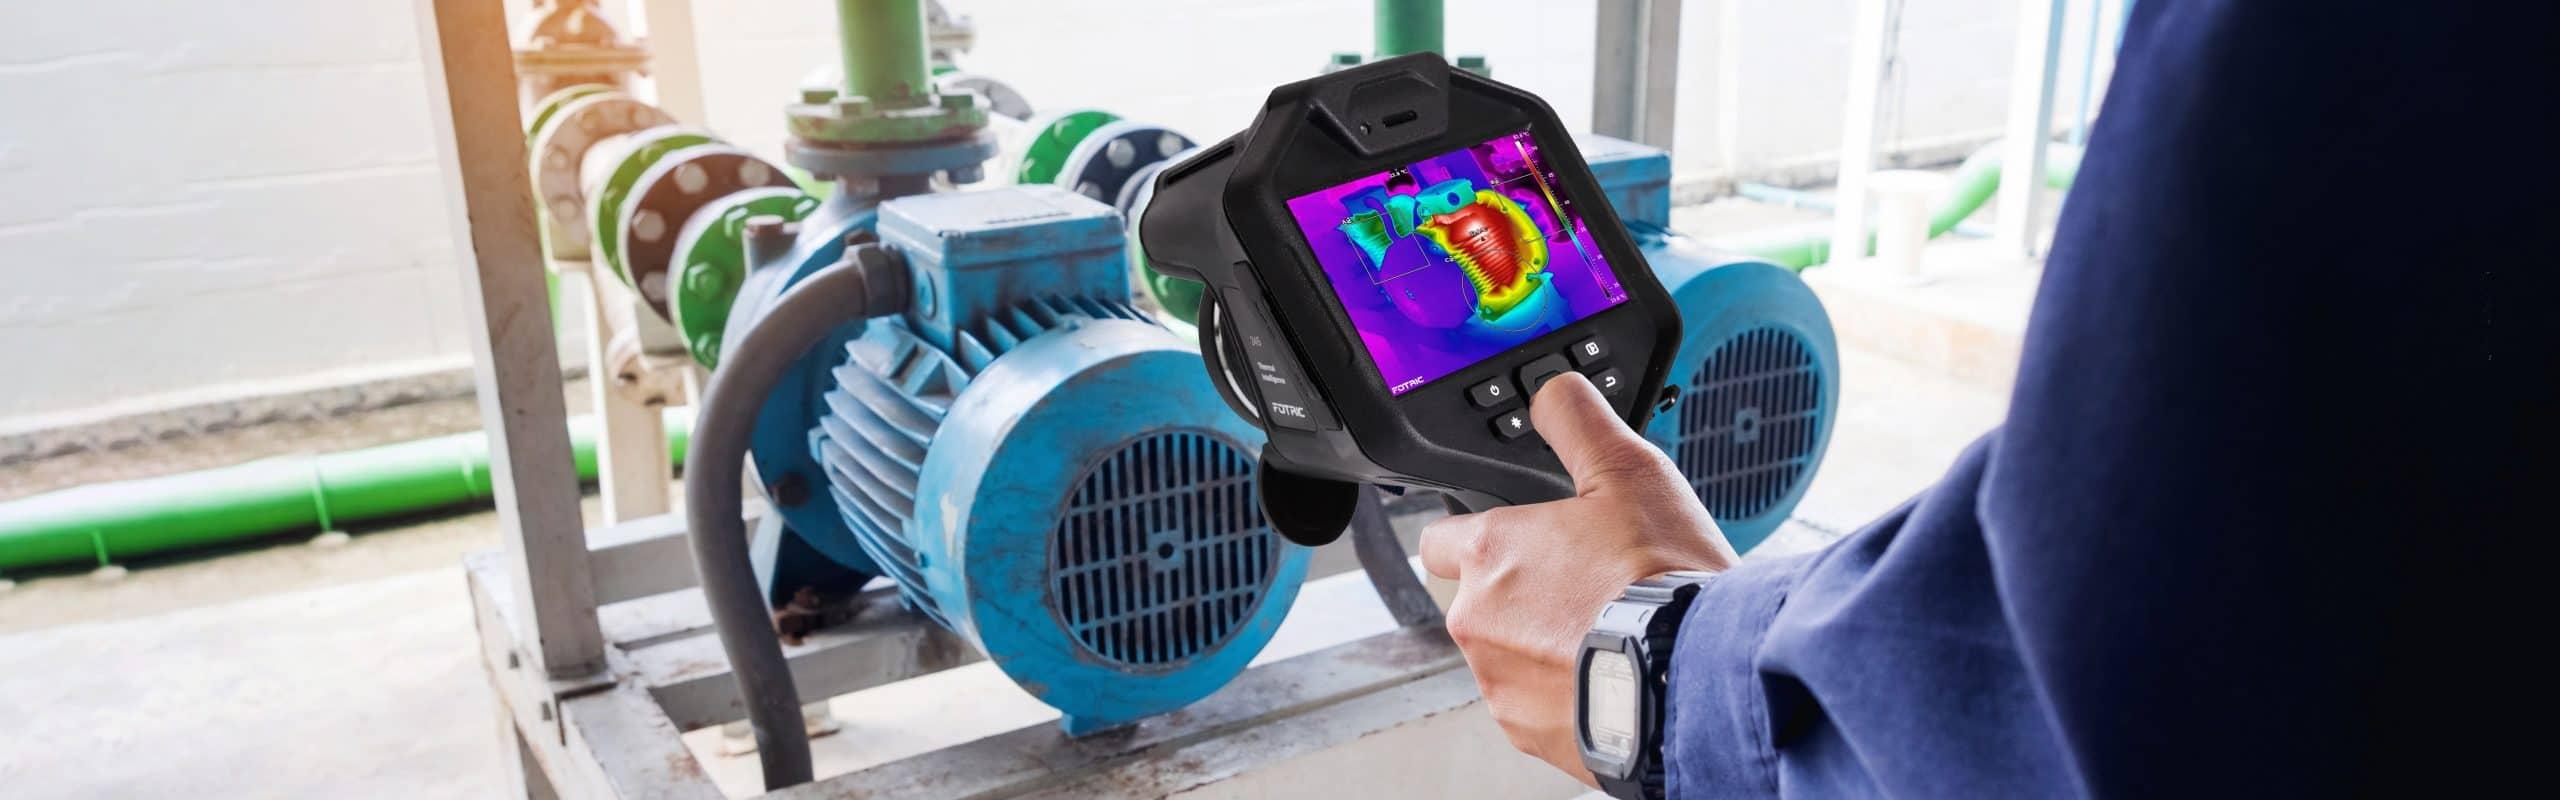 Techniker verwenden Wärmebildkamera zur Überprüfung der Temperatur in der Fabrik